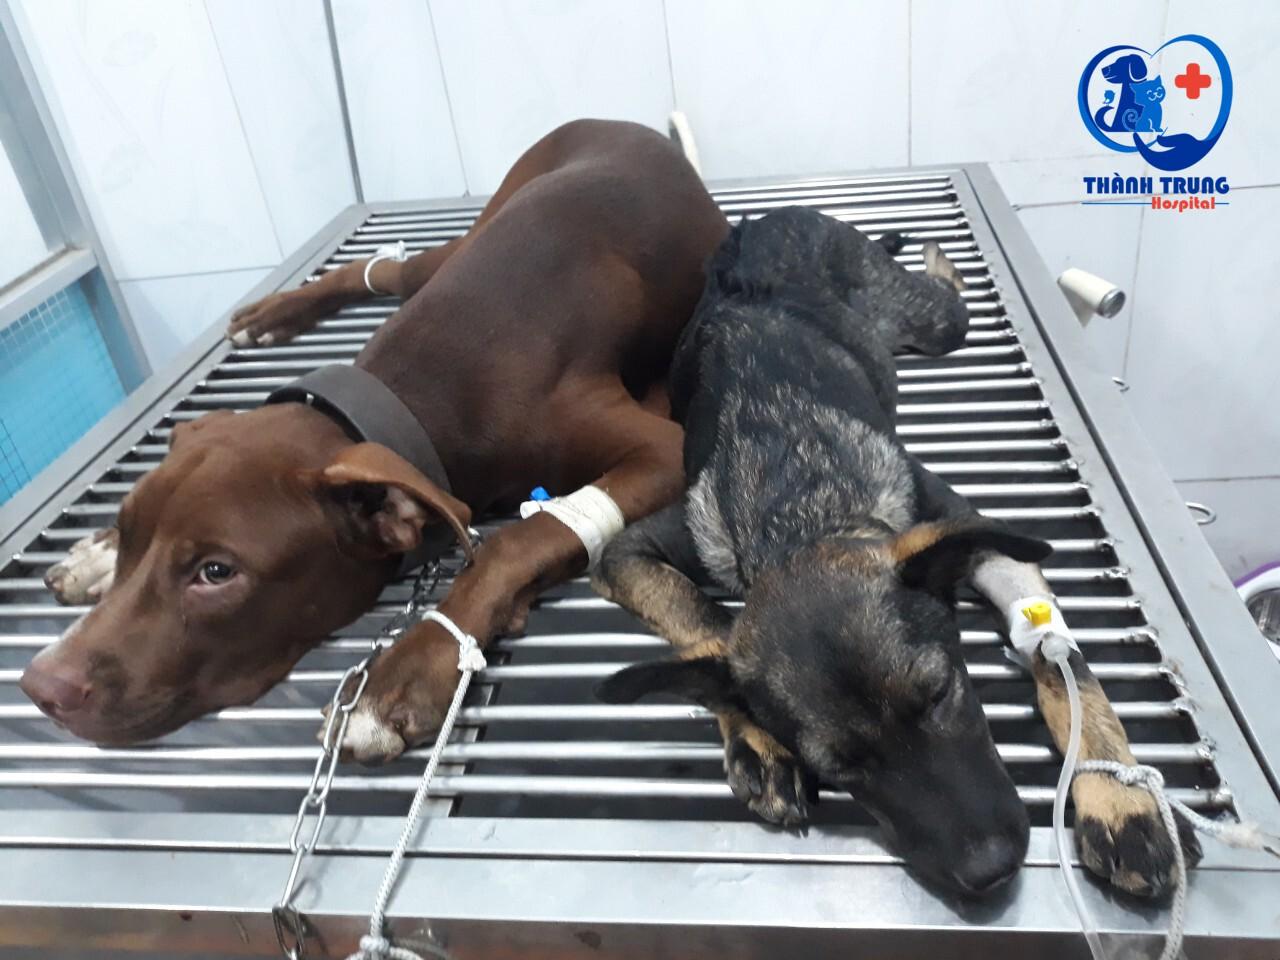 Hình ảnh bé cún được bác sỹ điều trị tại phòng khám thú y Thành Trung